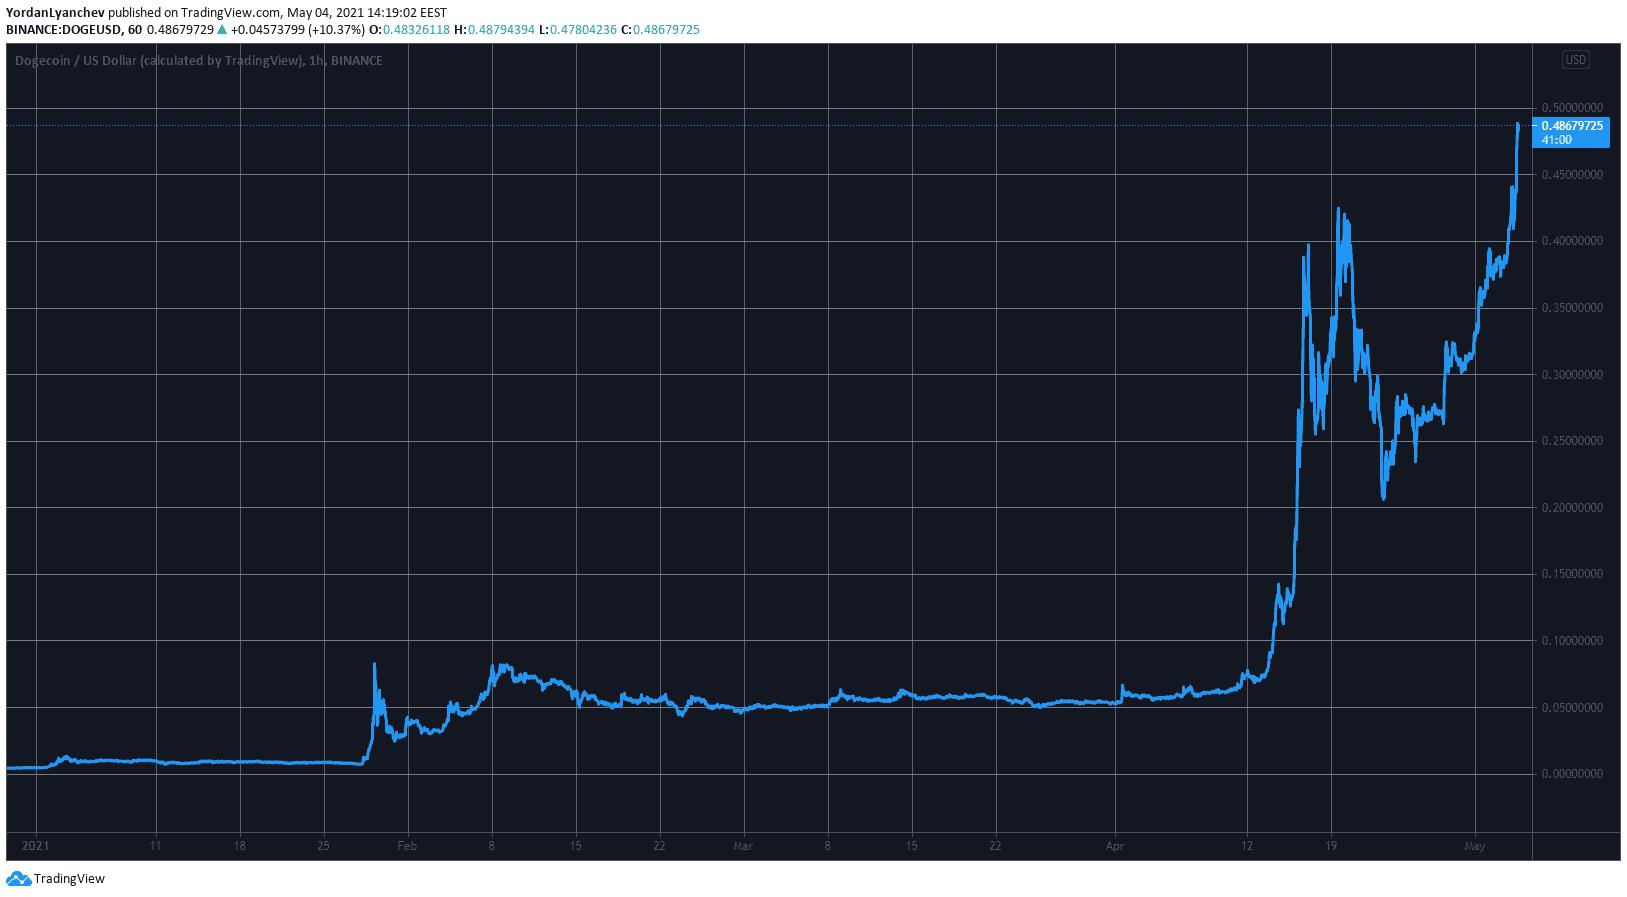 DOGEUSD. Kaynak: TradingView